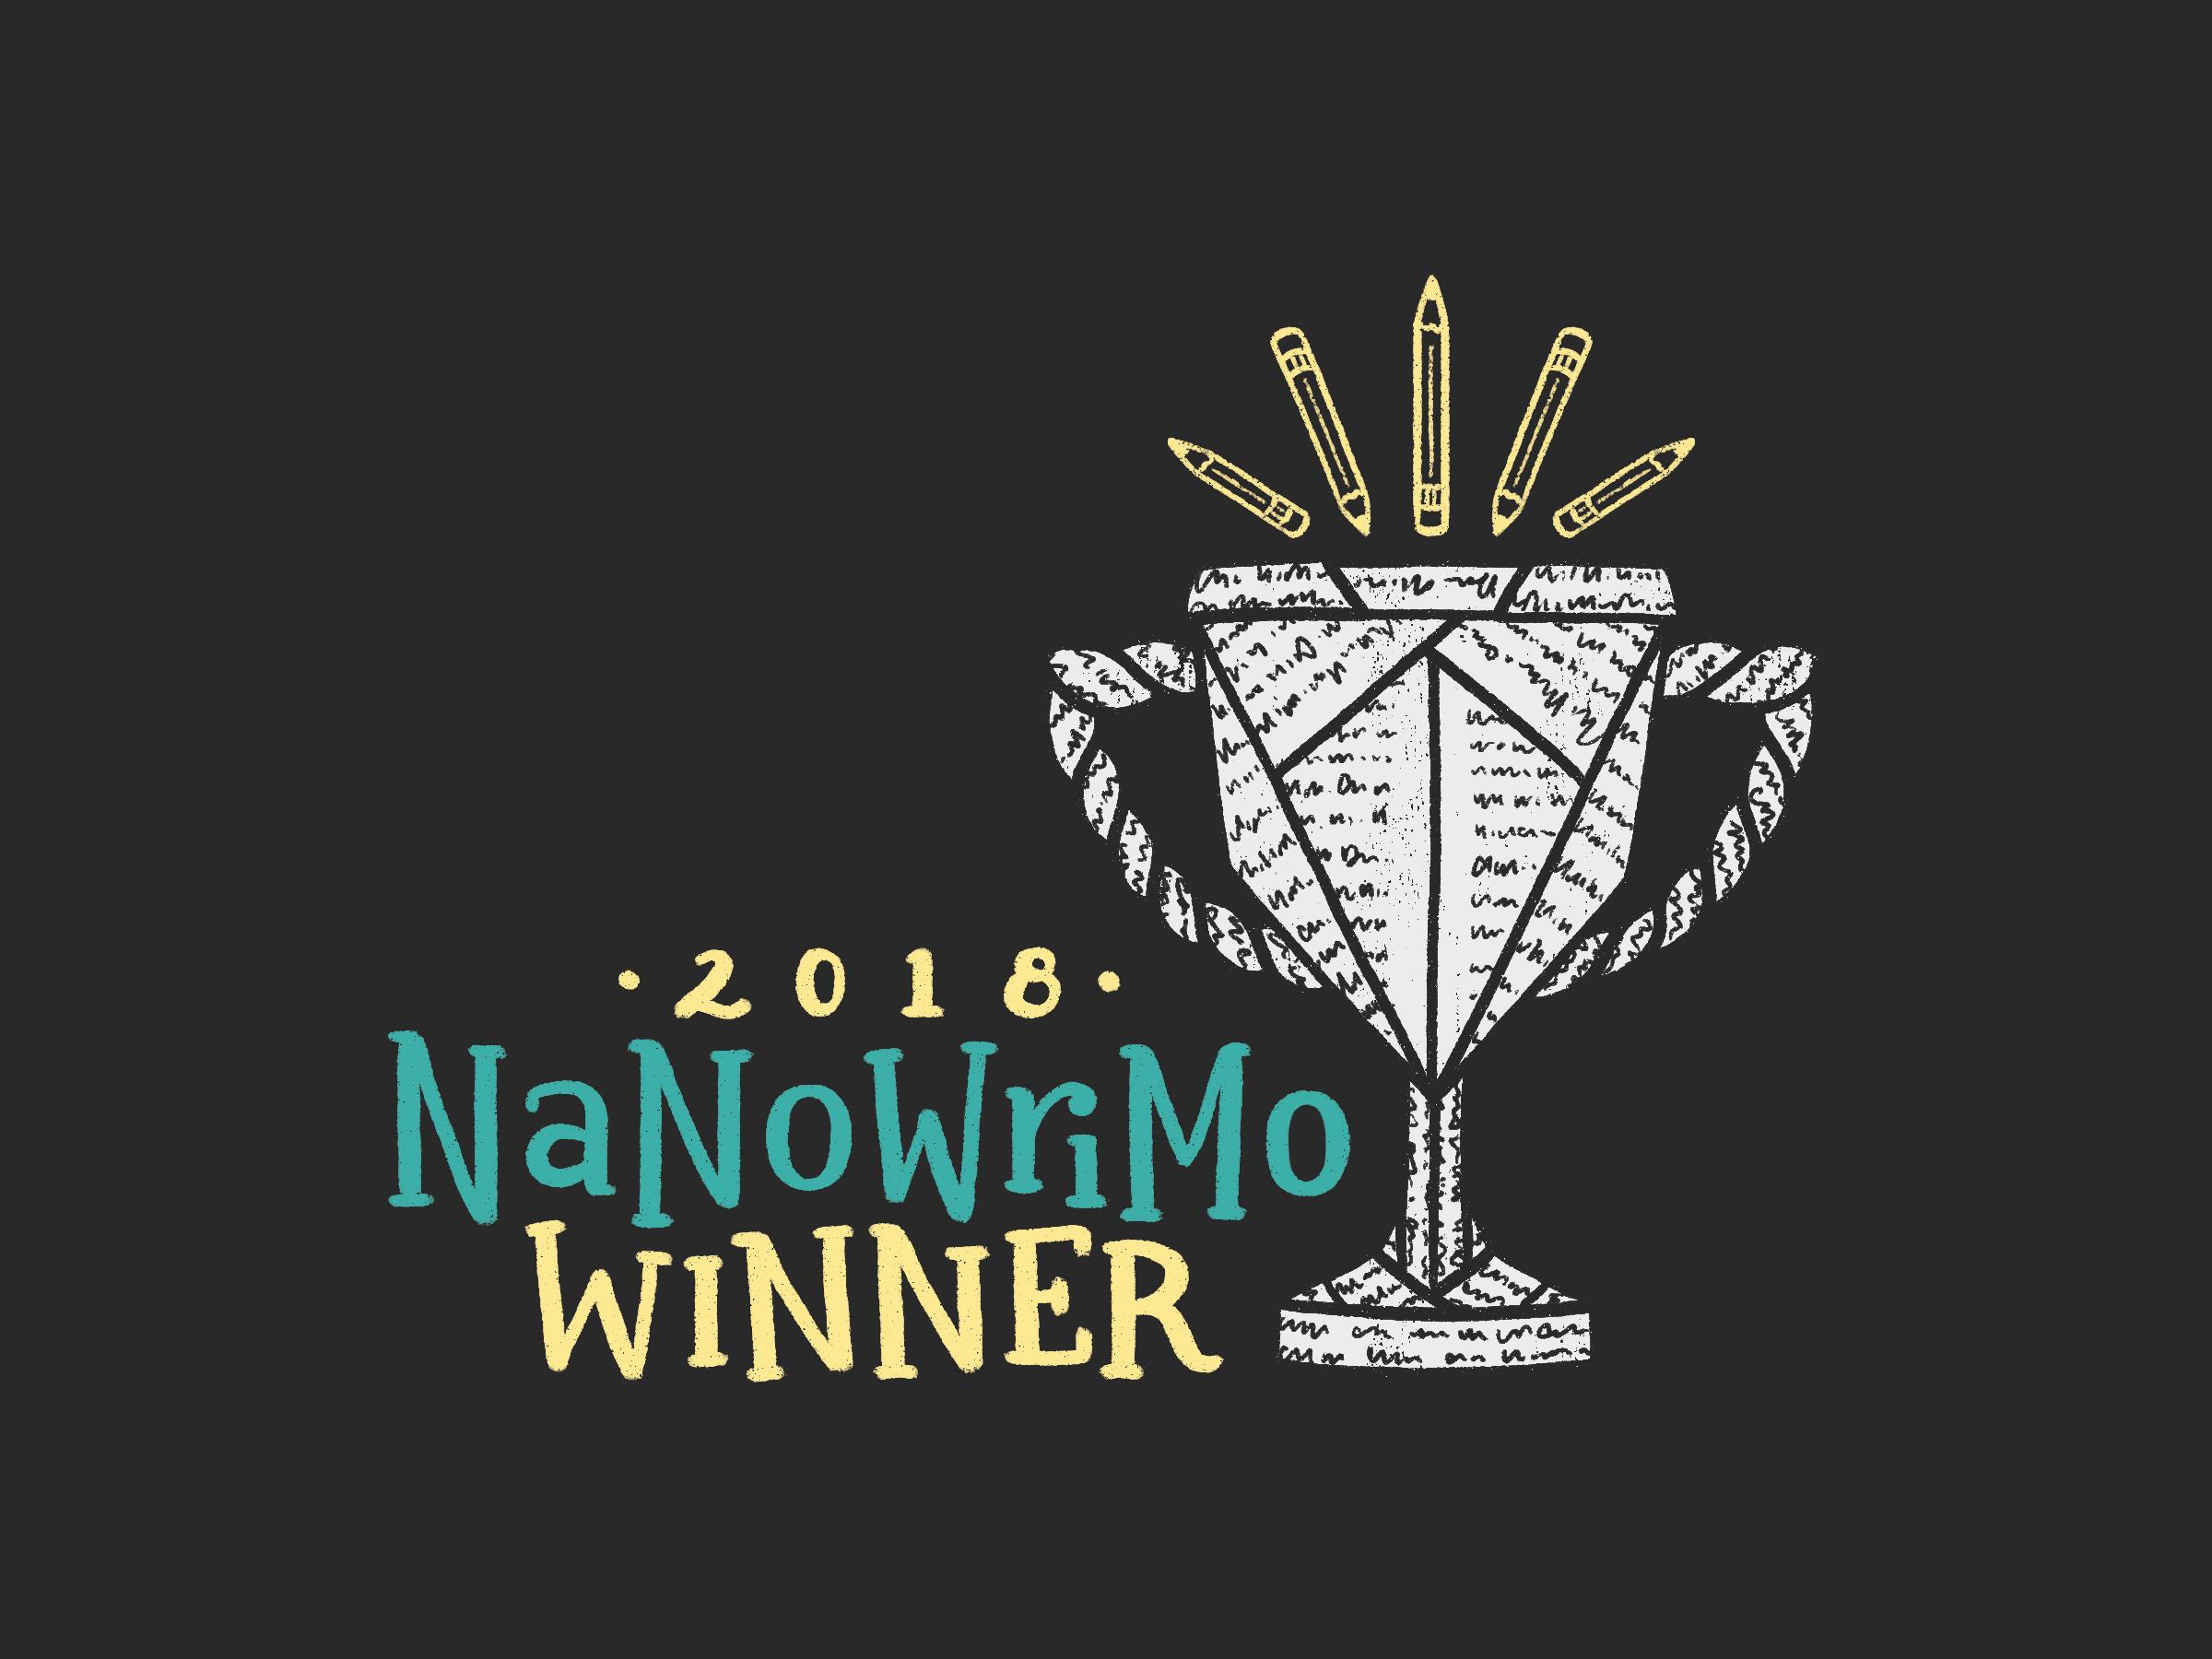 Nano_Winner-Shirt_Left.png